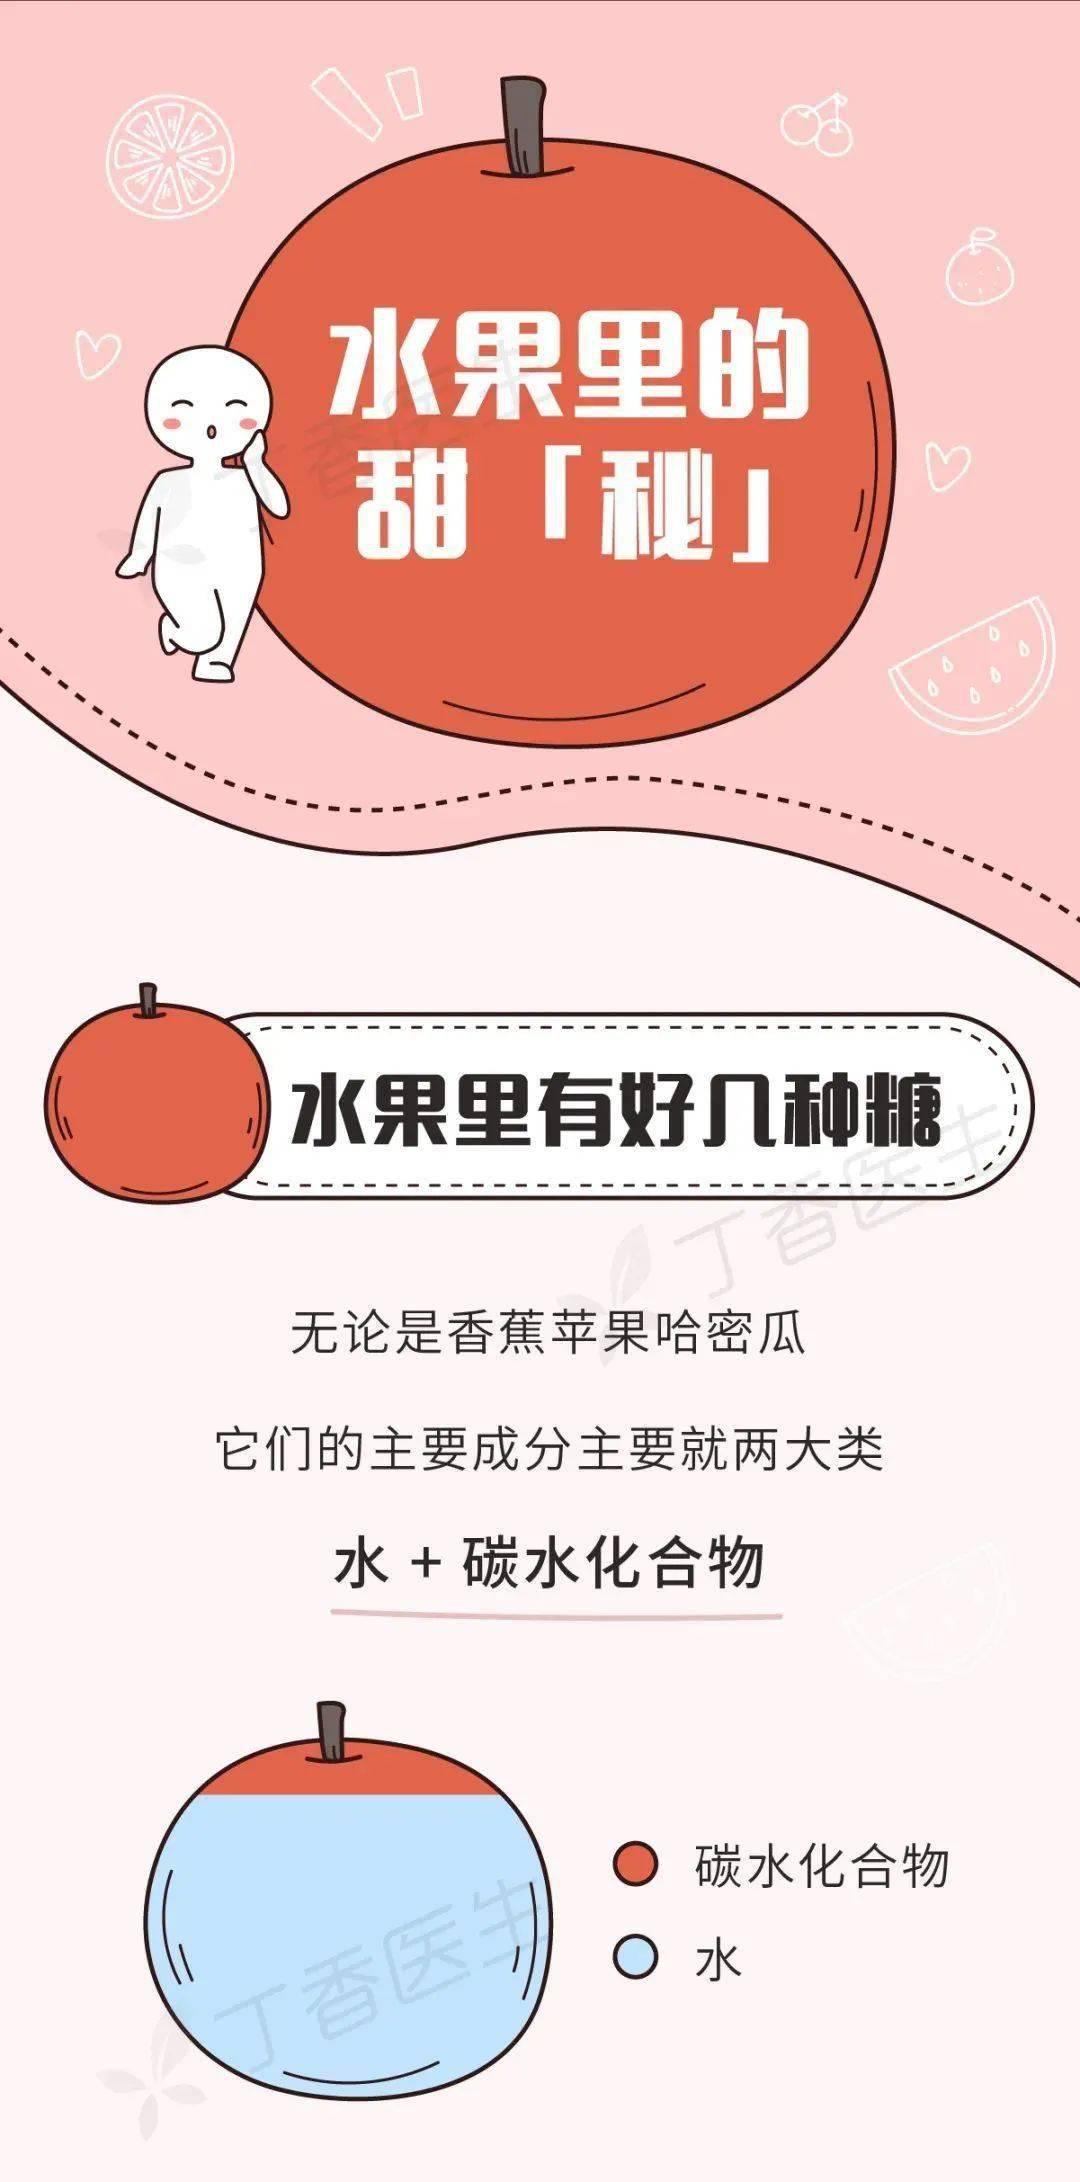 有些水果不甜但巨长胖!一图告诉你水果含糖的真相_丁香 知识百科 第1张